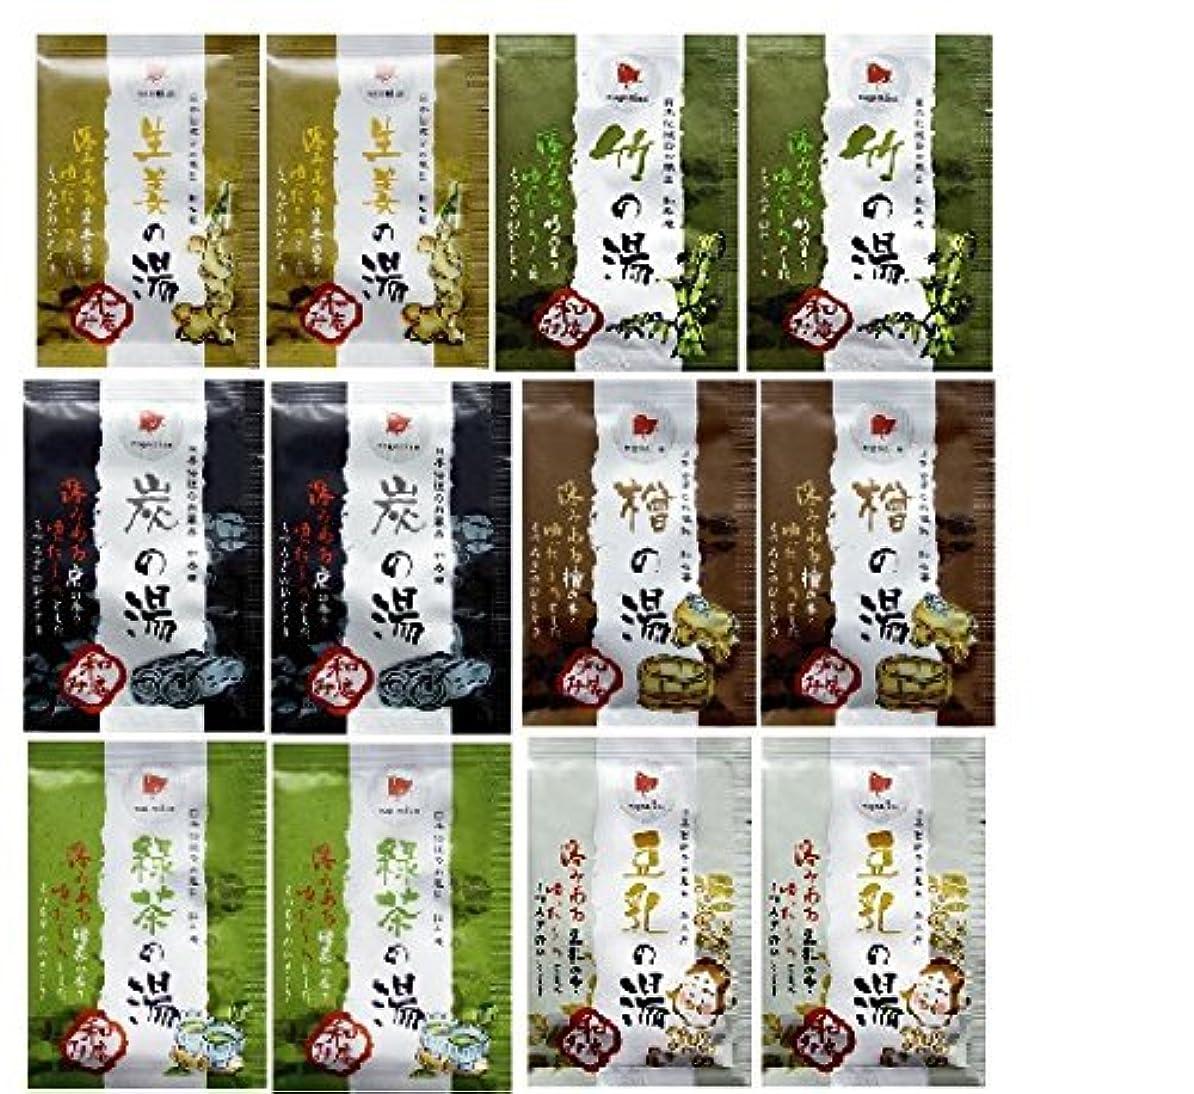 言語アテンダント旧正月日本伝統のお風呂 和み庵 6種類×2 12包